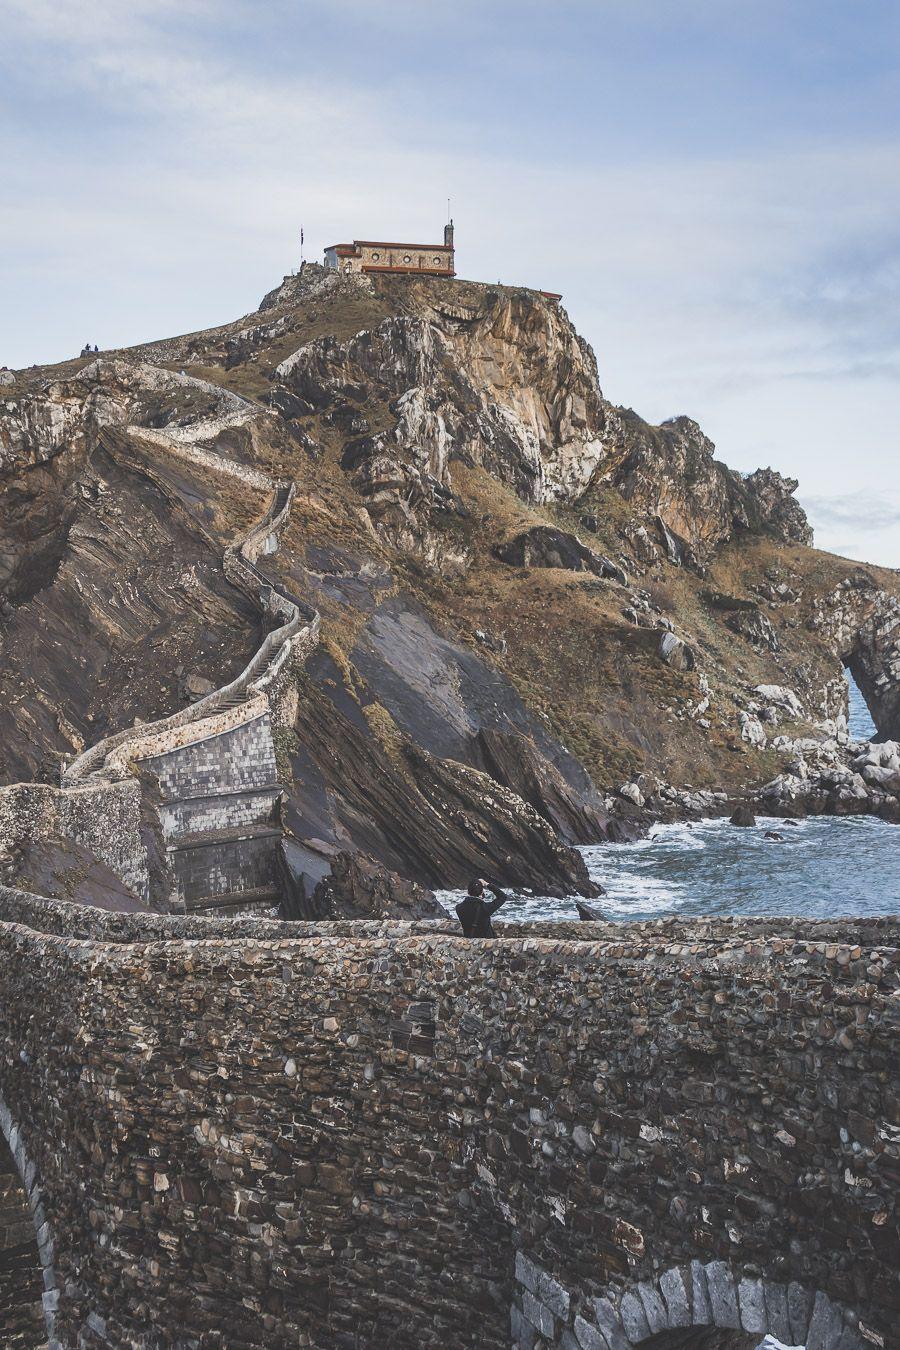 lieu d'intérêt du Pays basque espagnol